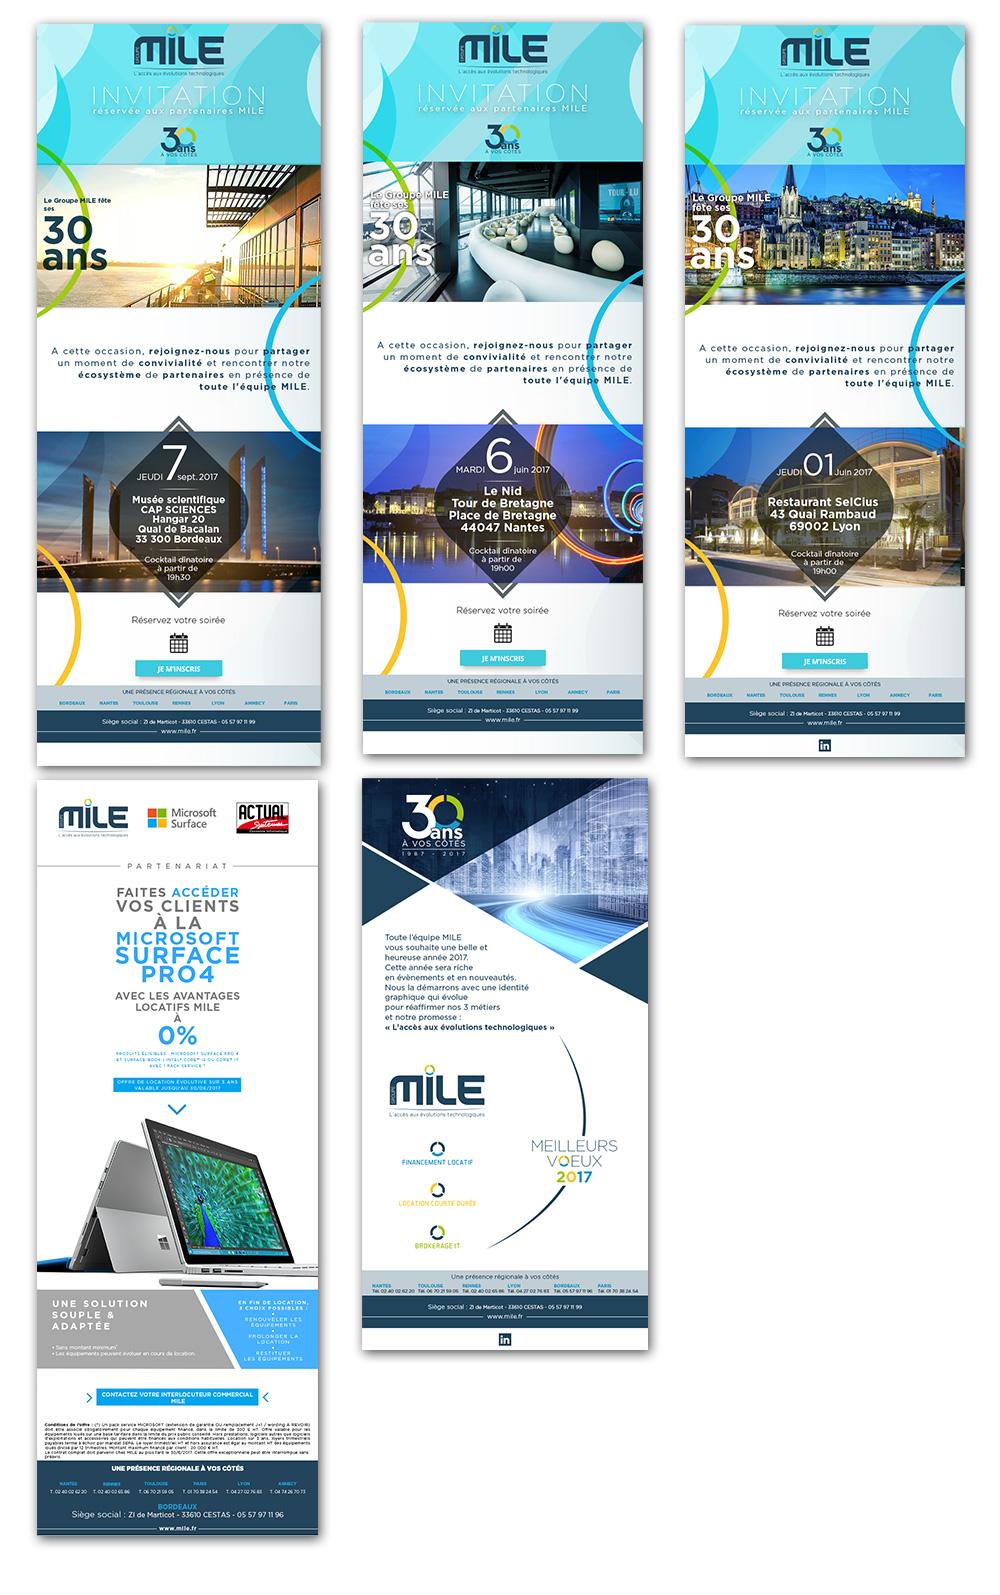 MILE-creation-newsletters-bordeaux